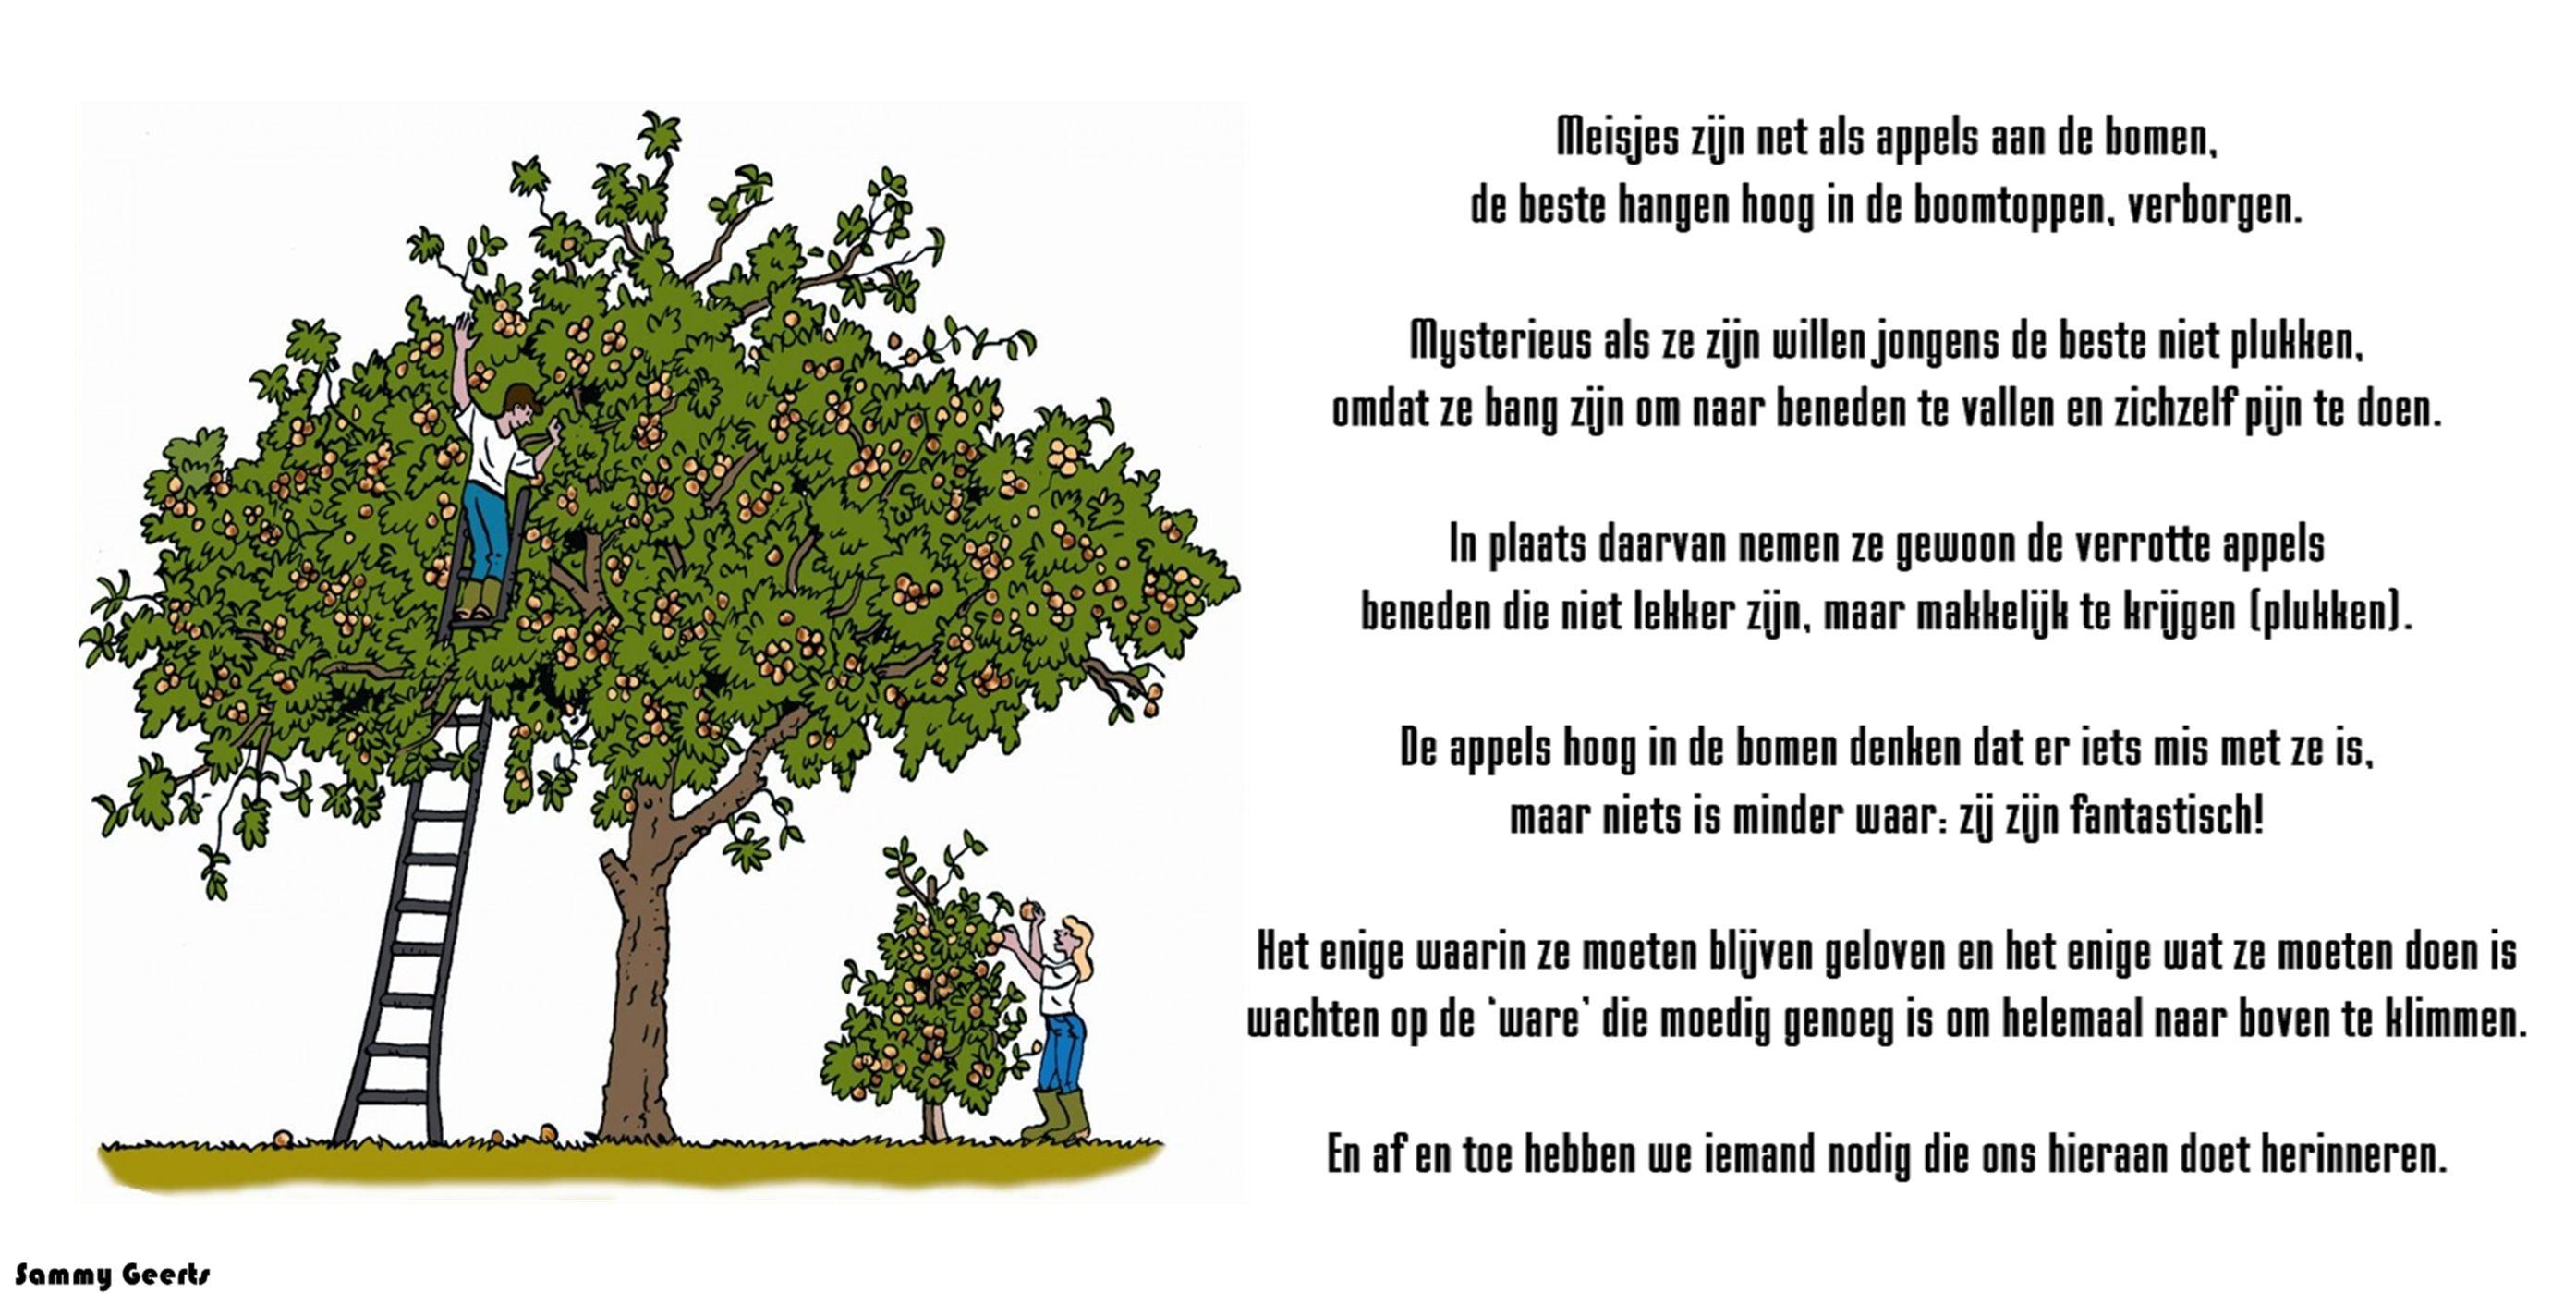 Citaten Over Bomen : Meisjes zijn net als appels aan de bomen spreuken